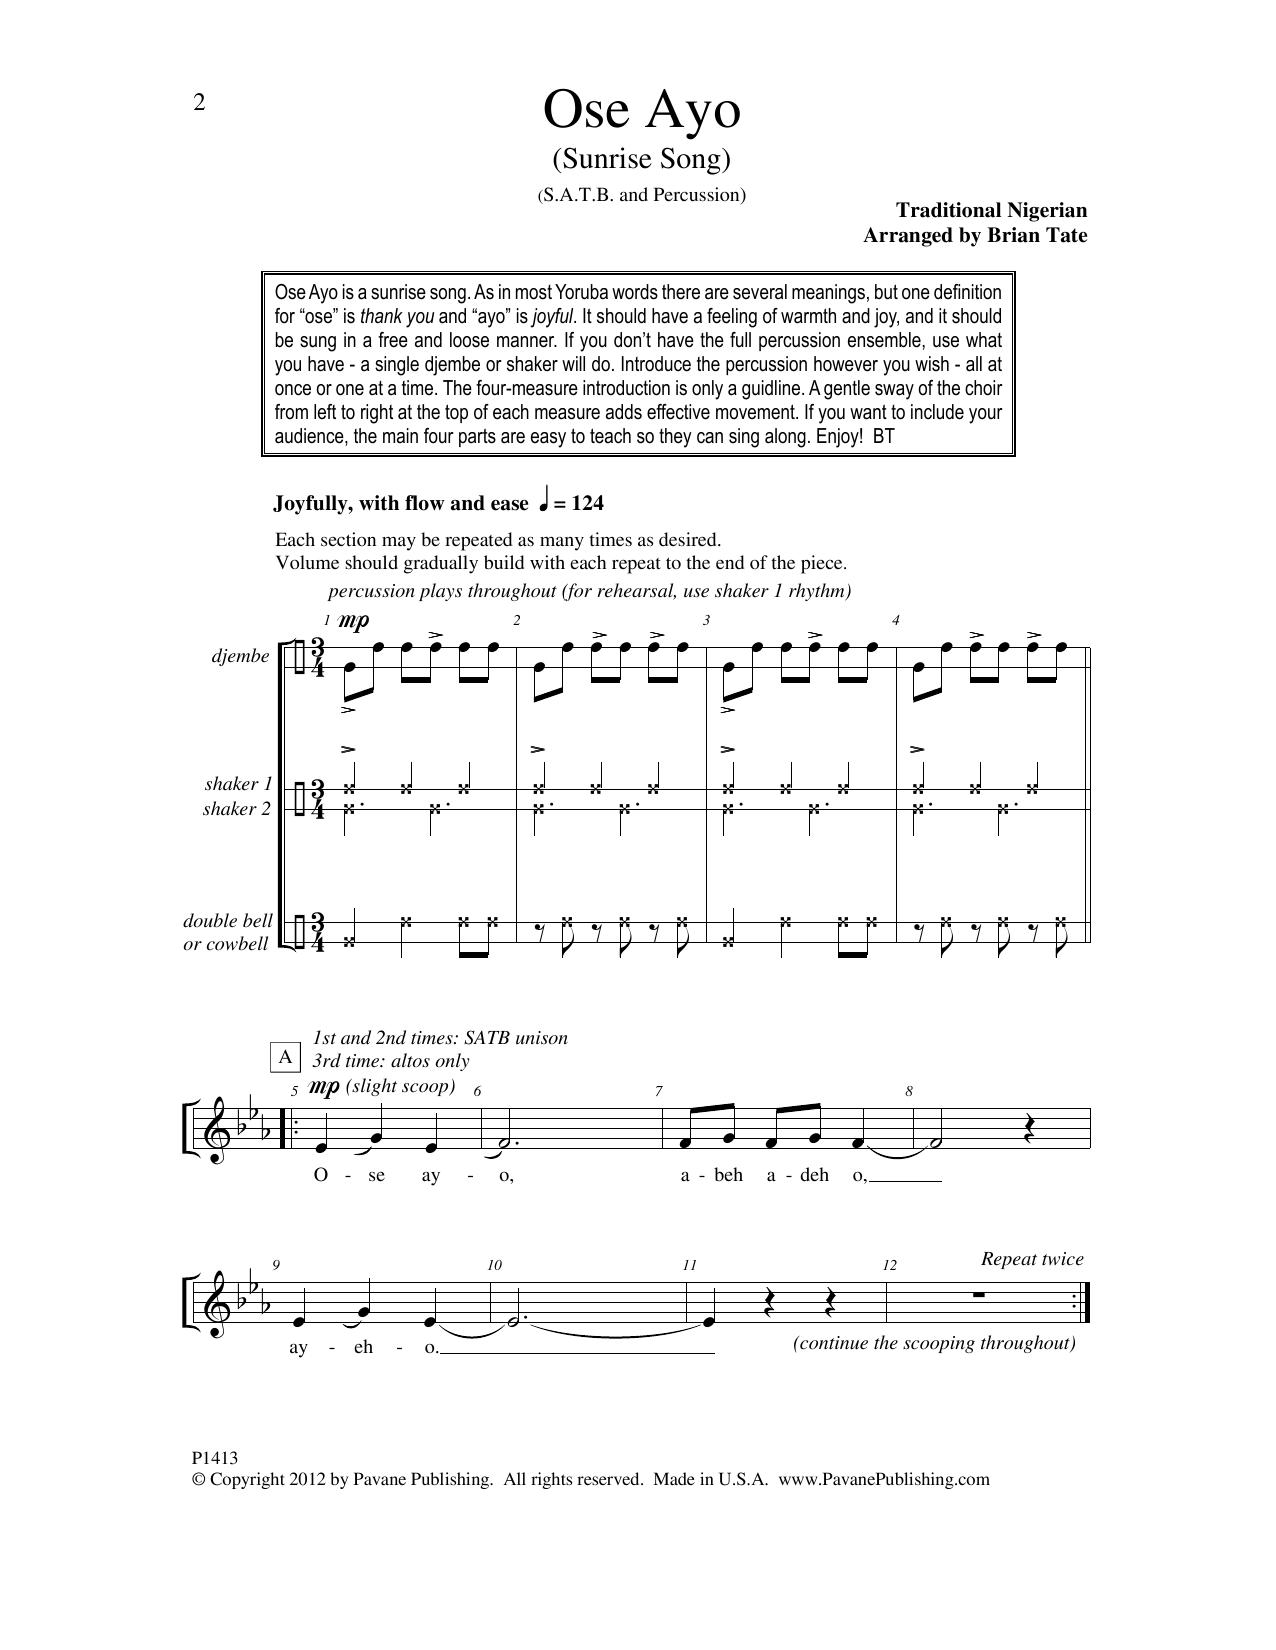 Ose Ayo (Sunrise Song) Sheet Music